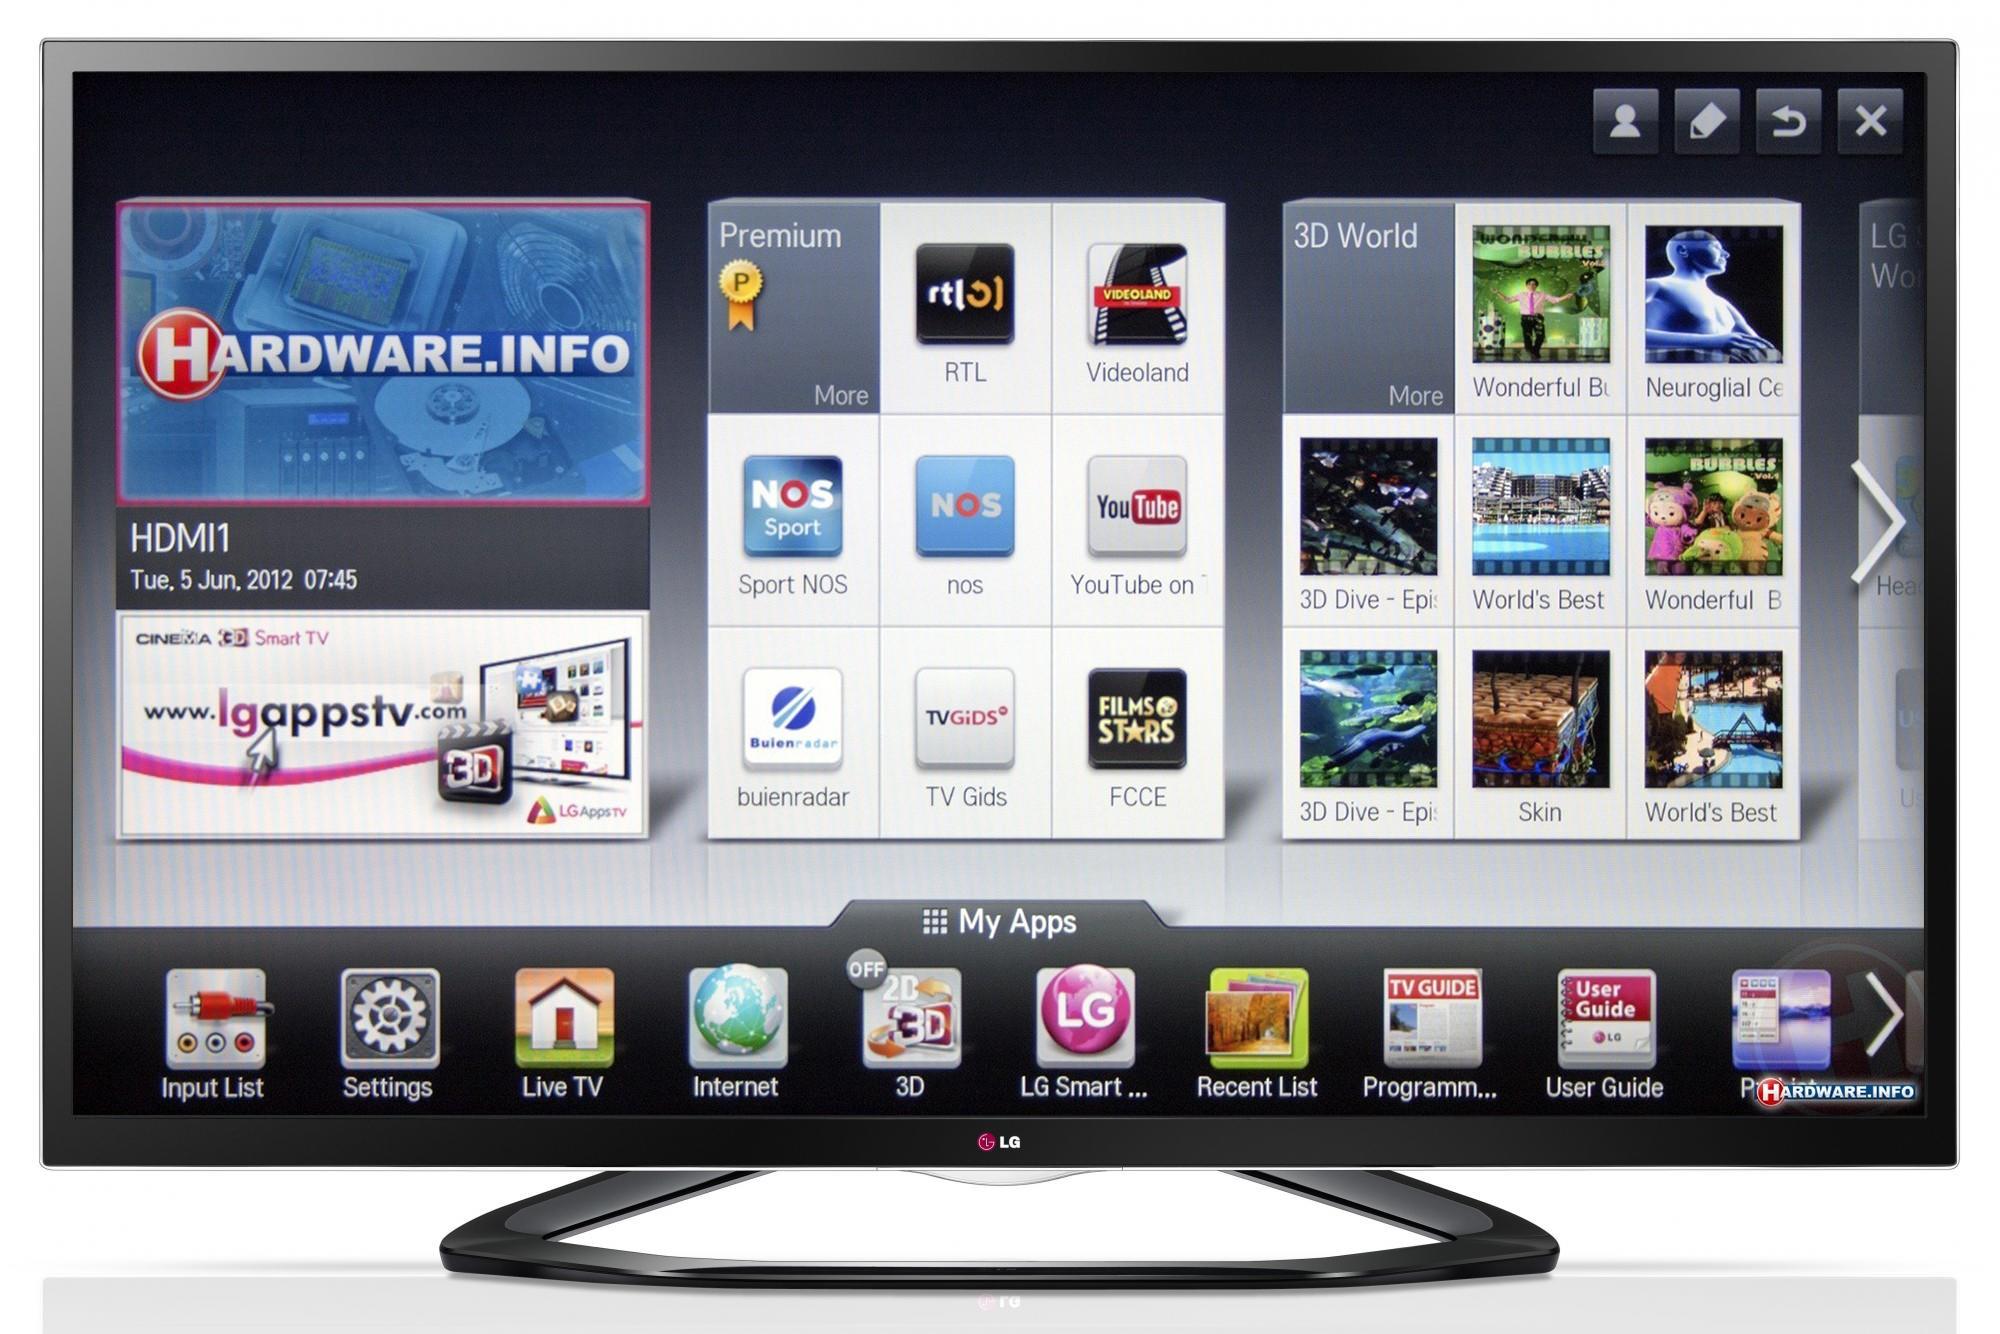 A két darab 10 wattos maximális kimeneti teljesítményű hangsugárzóval  felszerelt televízió természetesen módot ad a különféle internetes  alkalmazások ... d16c32542b